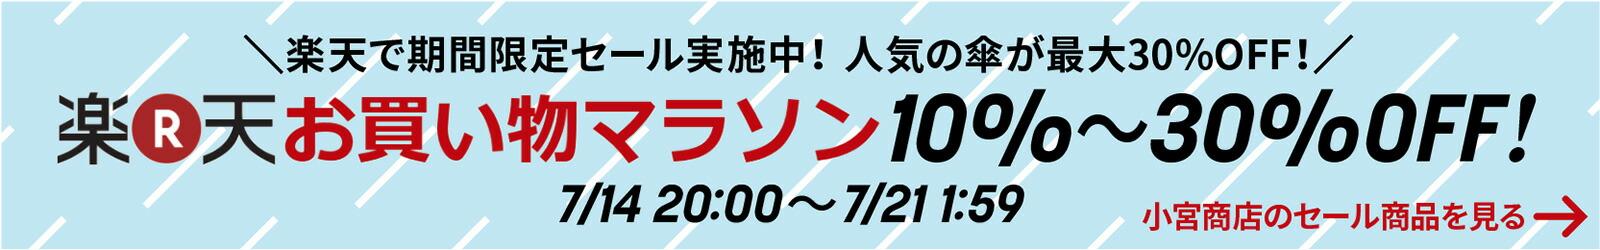 小宮商店 日本製 傘 セール